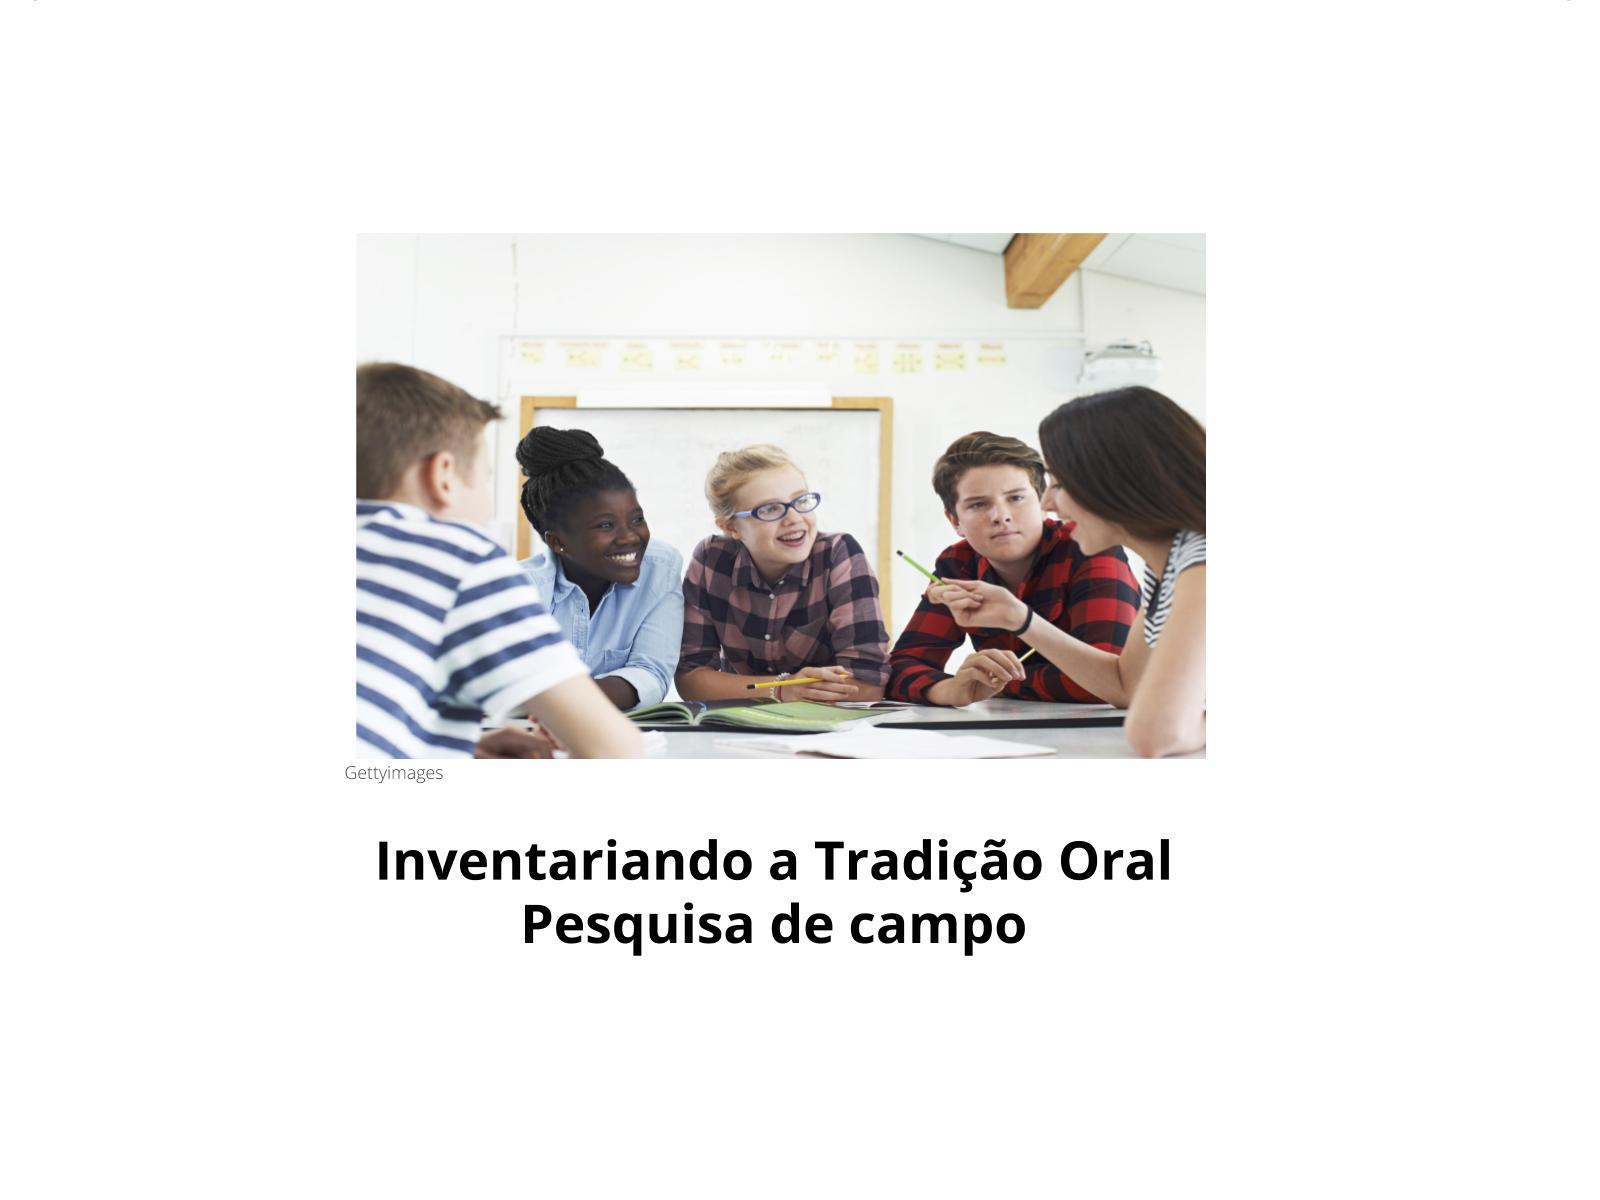 Tradição Oral. Estudo de campo do patrimônio imaterial